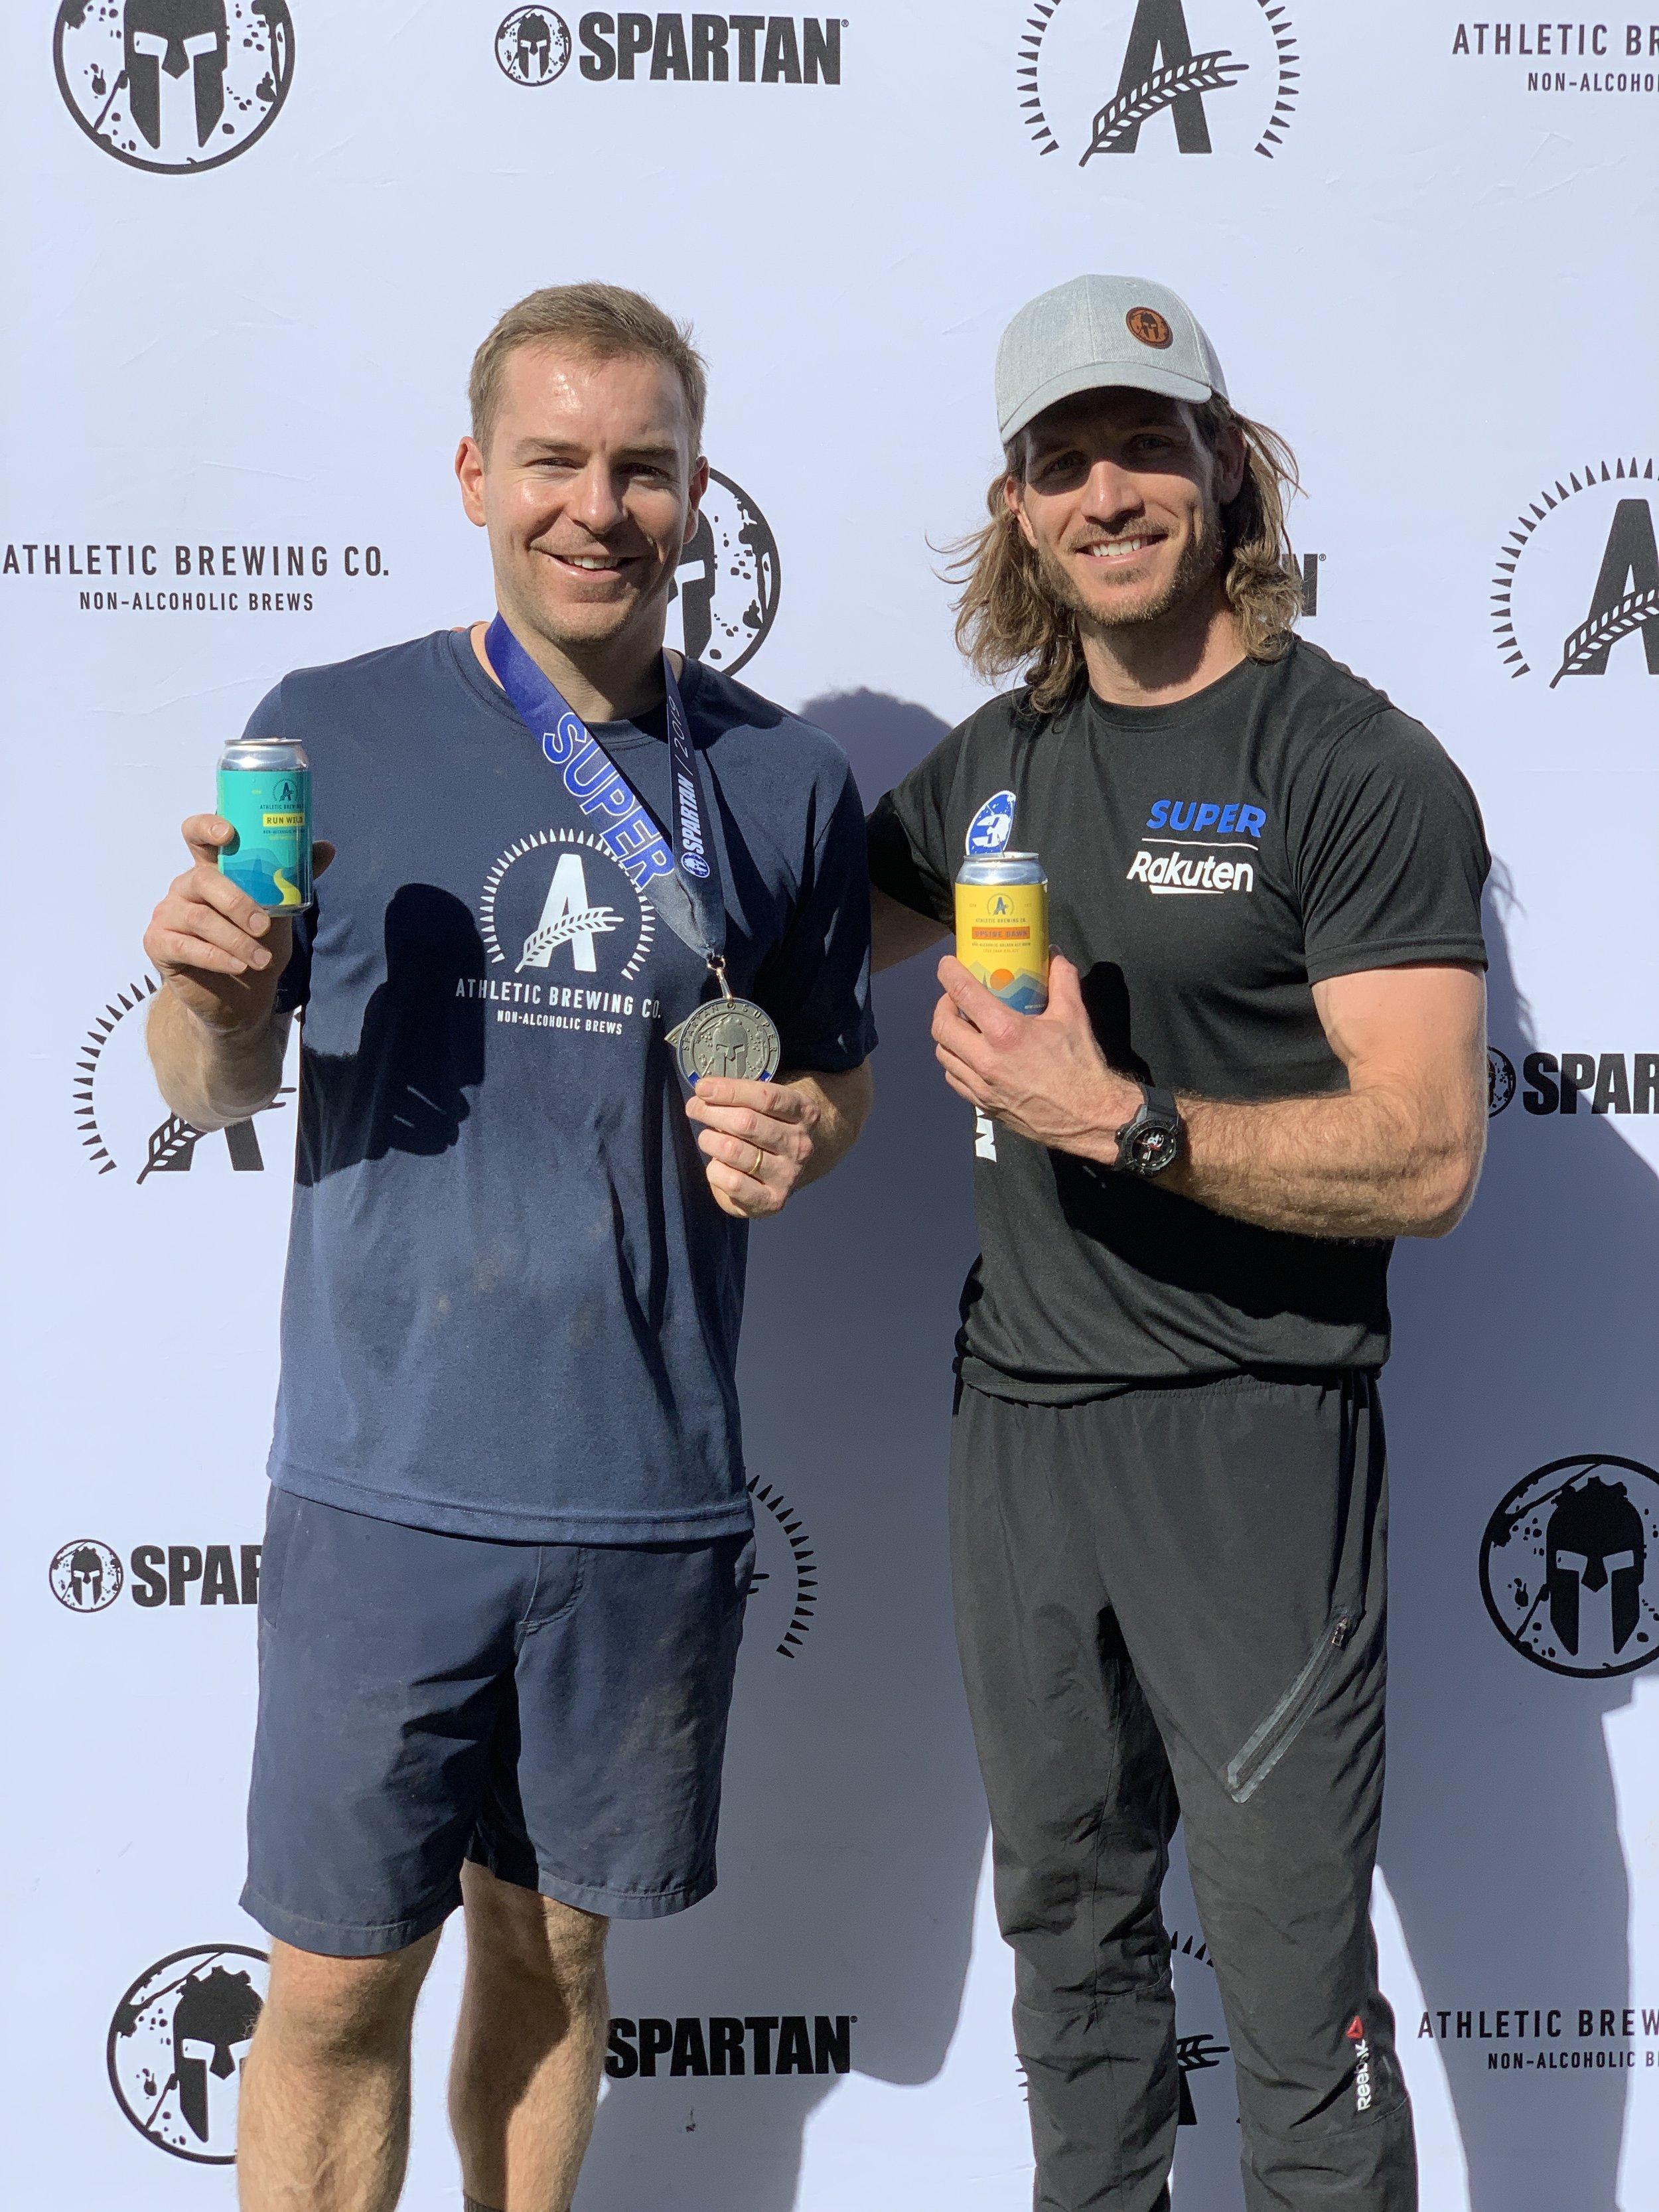 Bill and Ryan Spartan.JPG